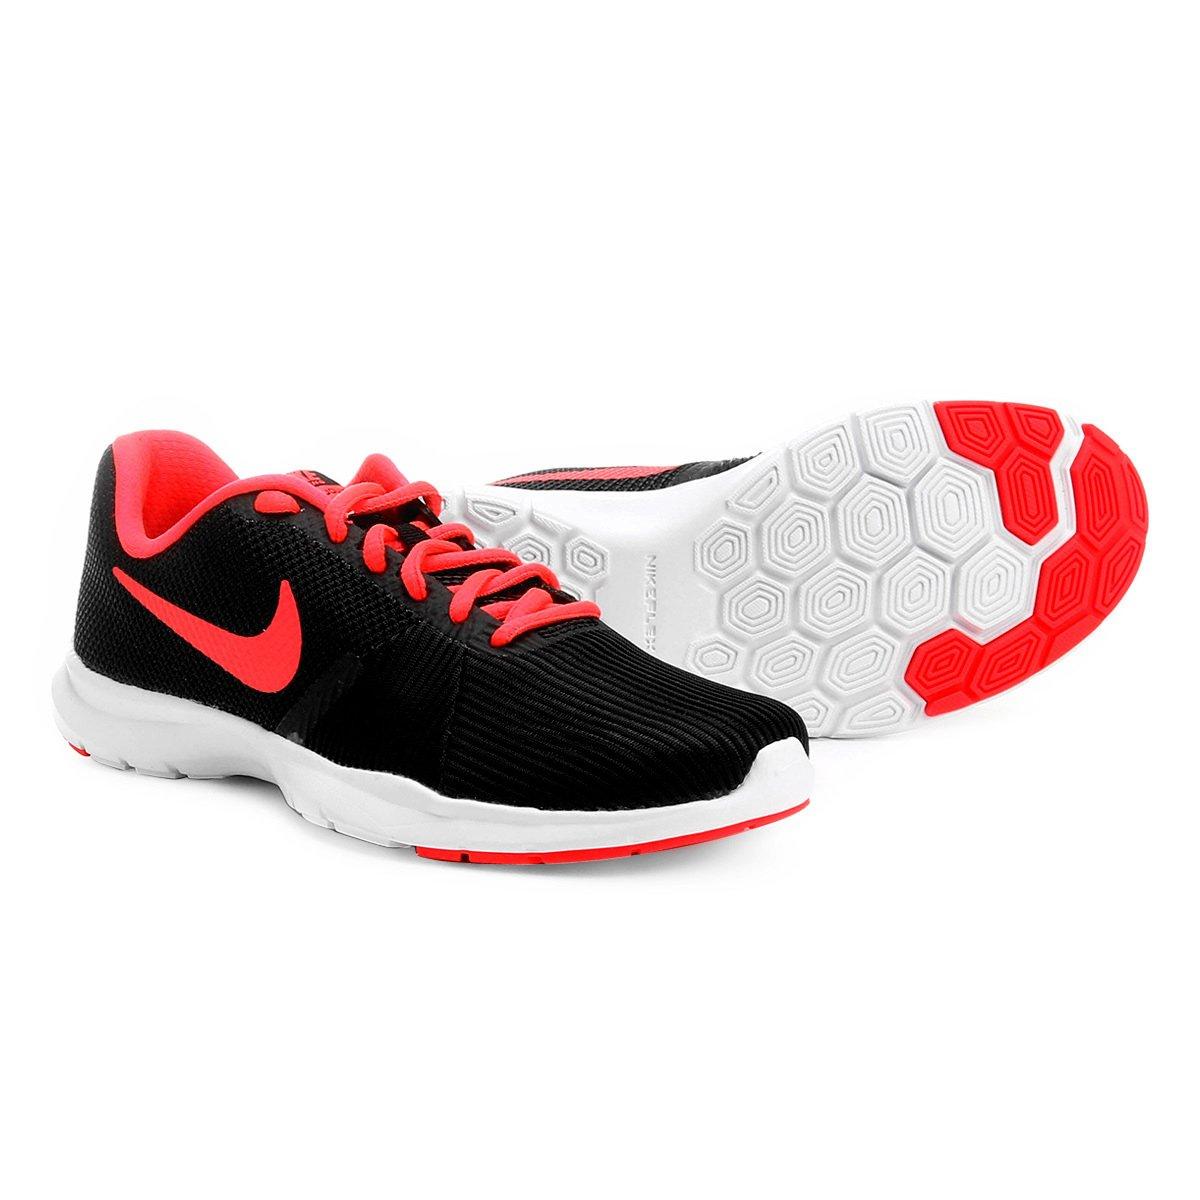 3bbe31fd107 Tênis Nike Flex Bijoux Feminino - Preto e Vermelho - Compre Agora ...